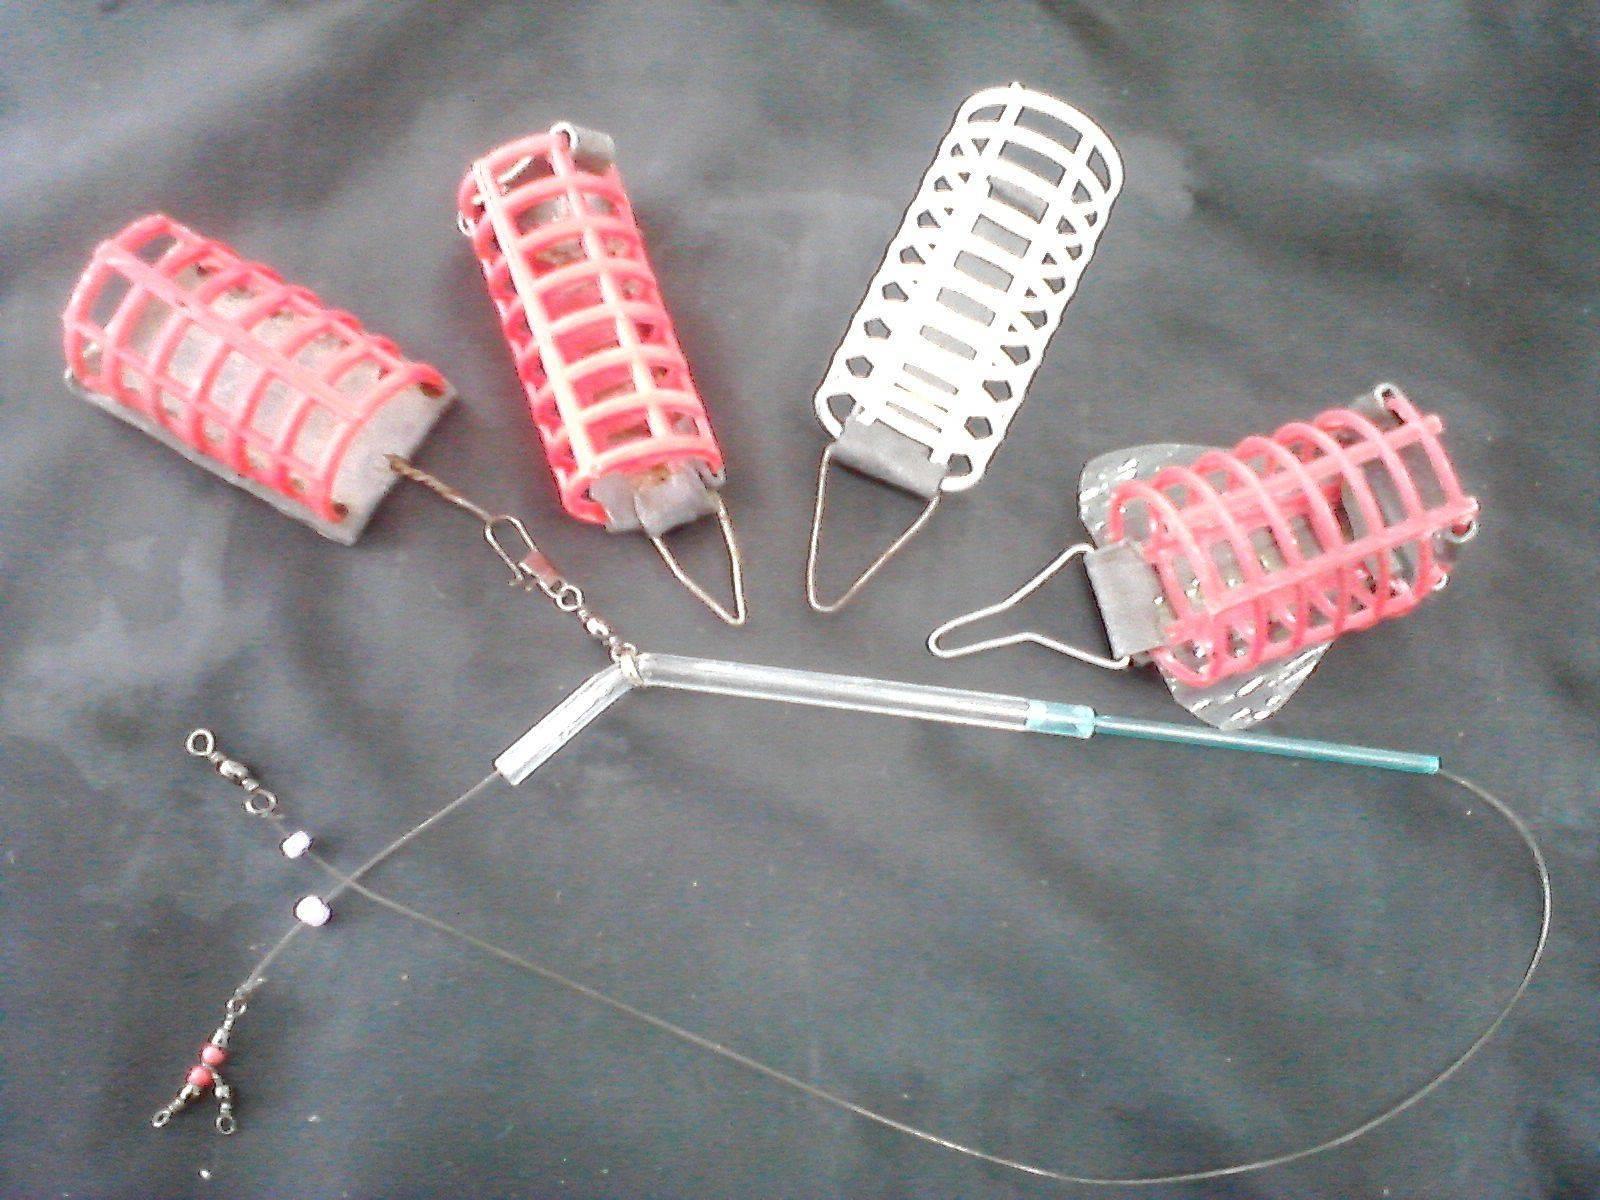 Фидерные кормушки своими руками: как самому сделать самодельную кормушку для фидера для сильного течения из пластиковой бутылки, фидерная кормушка пуля и леман